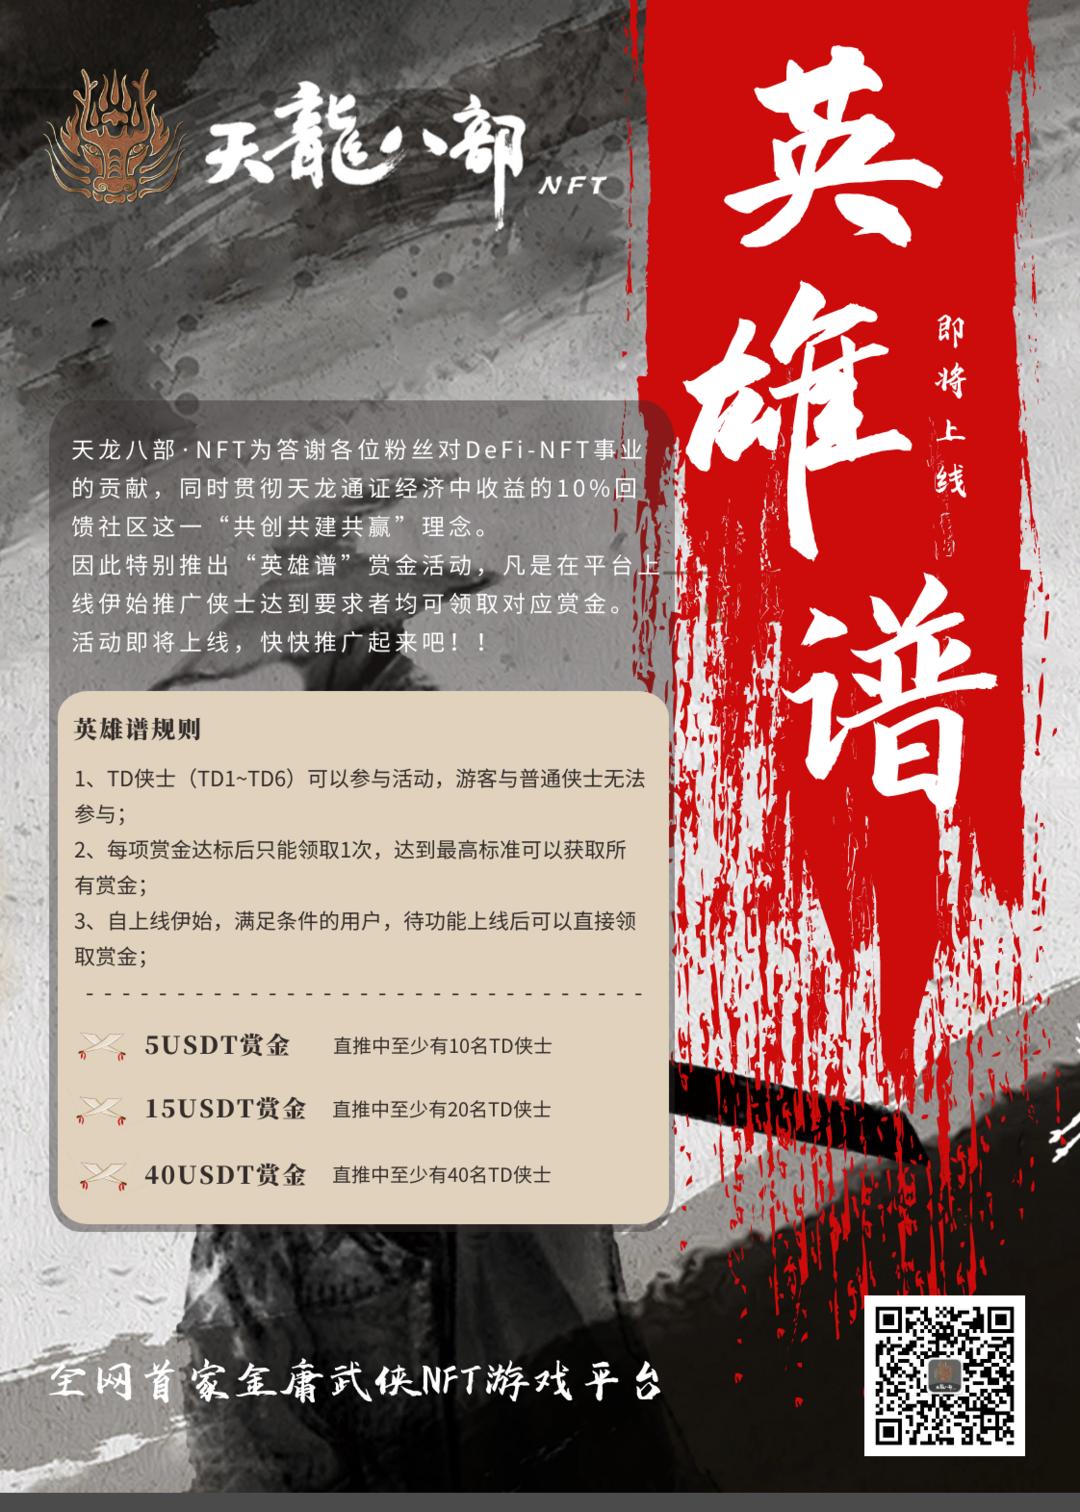 链安访谈58期丨金庸武侠IP与NFT技术将碰撞出怎样的火花?